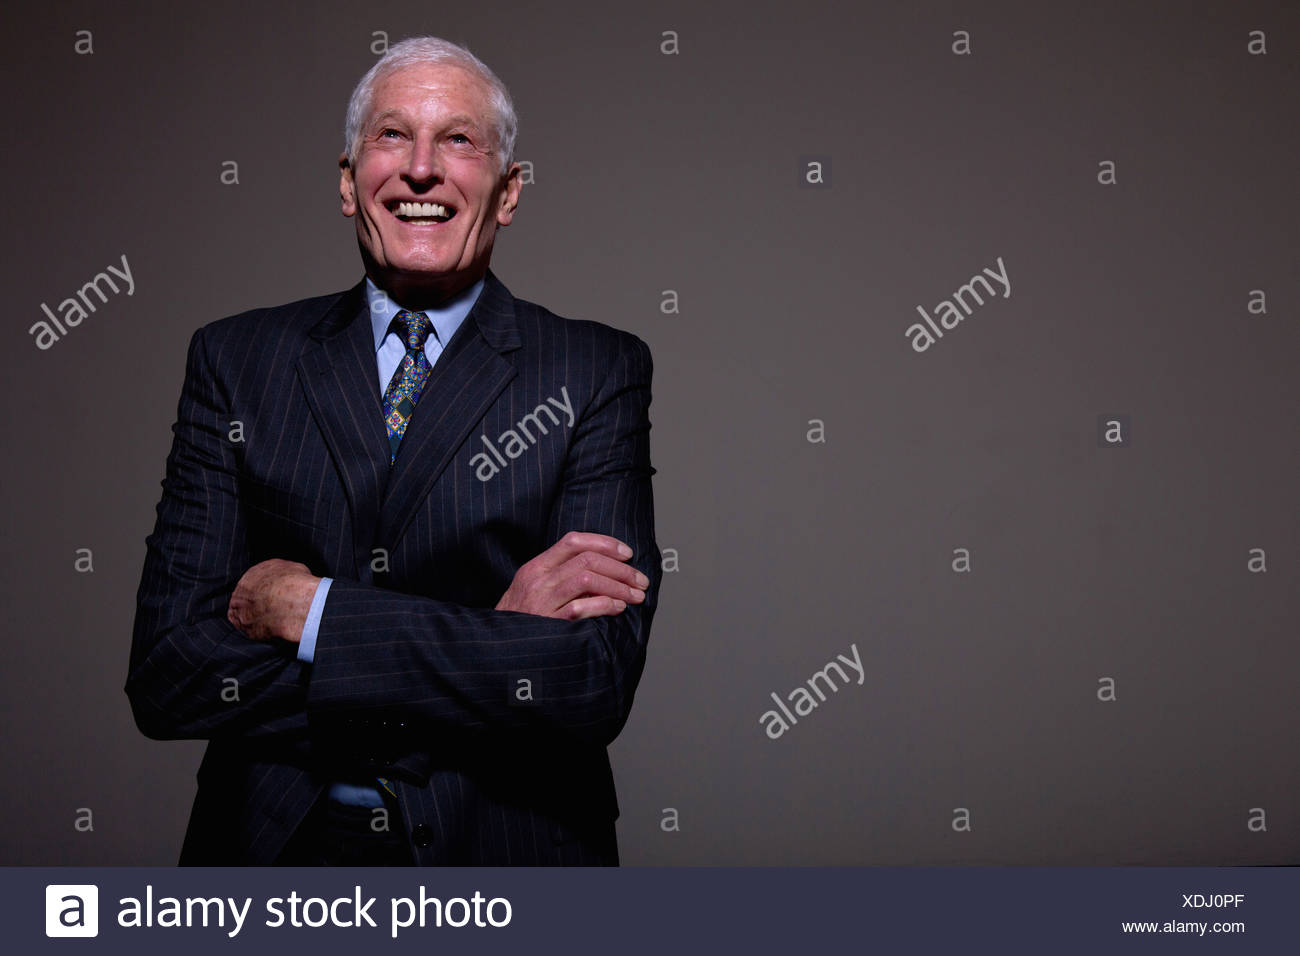 Studio portrait of senior man in suit Photo Stock